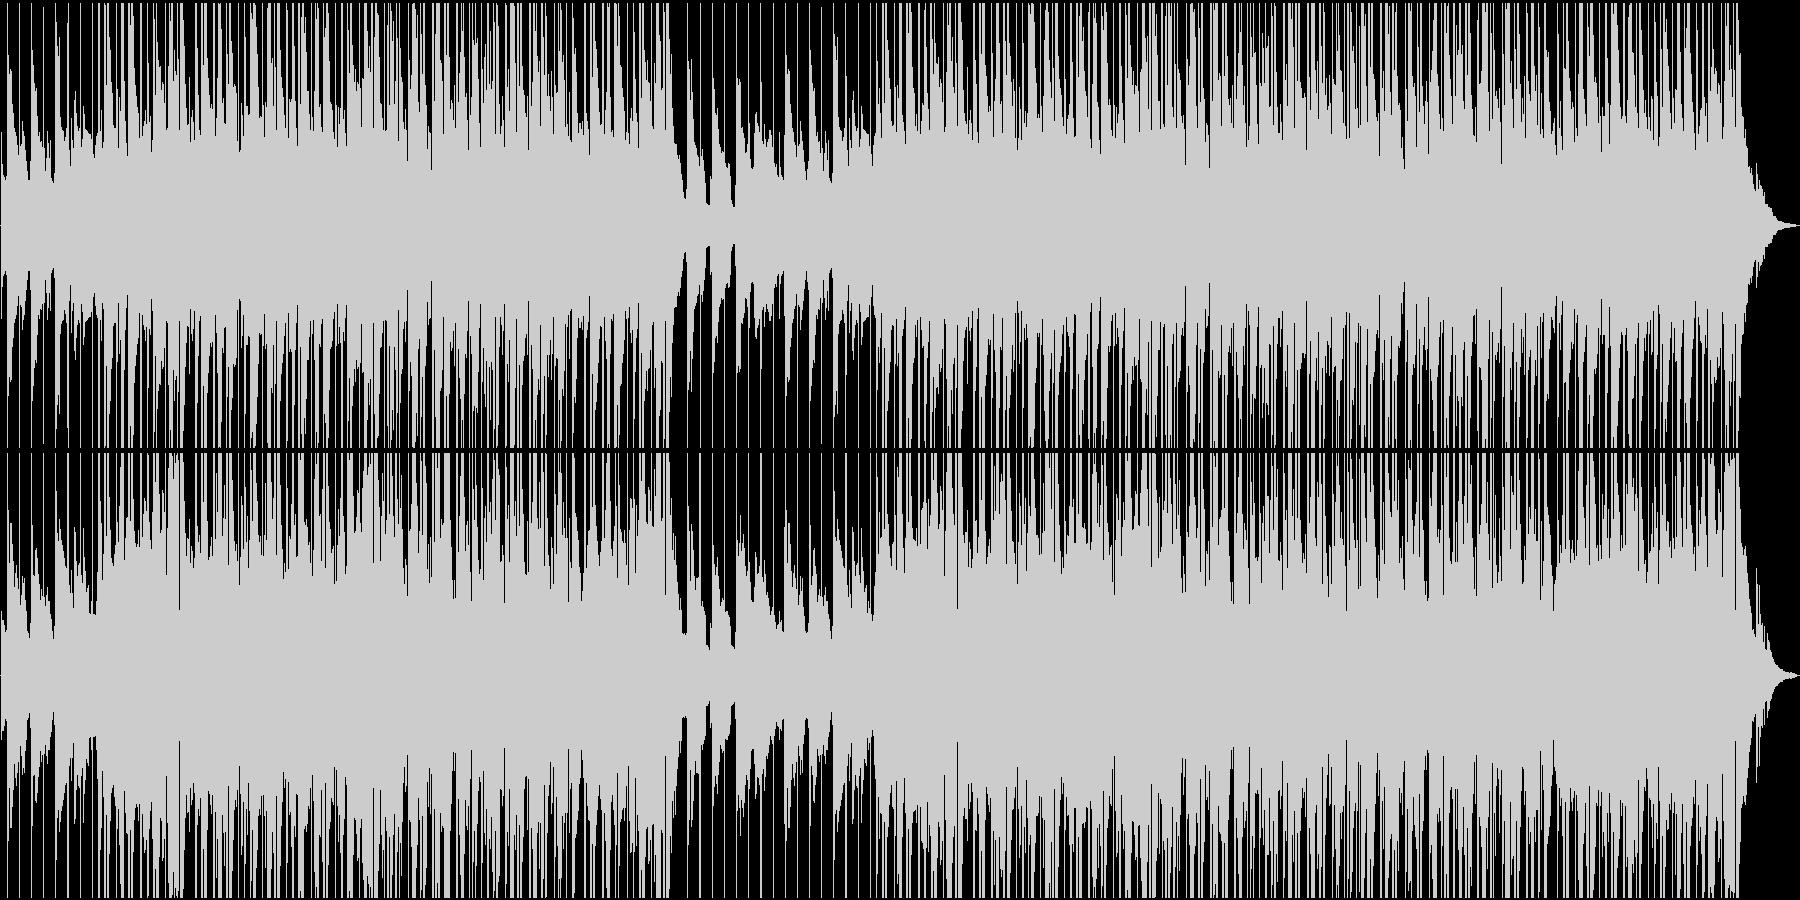 ほのぼの70'アメリカンレイドバックの未再生の波形